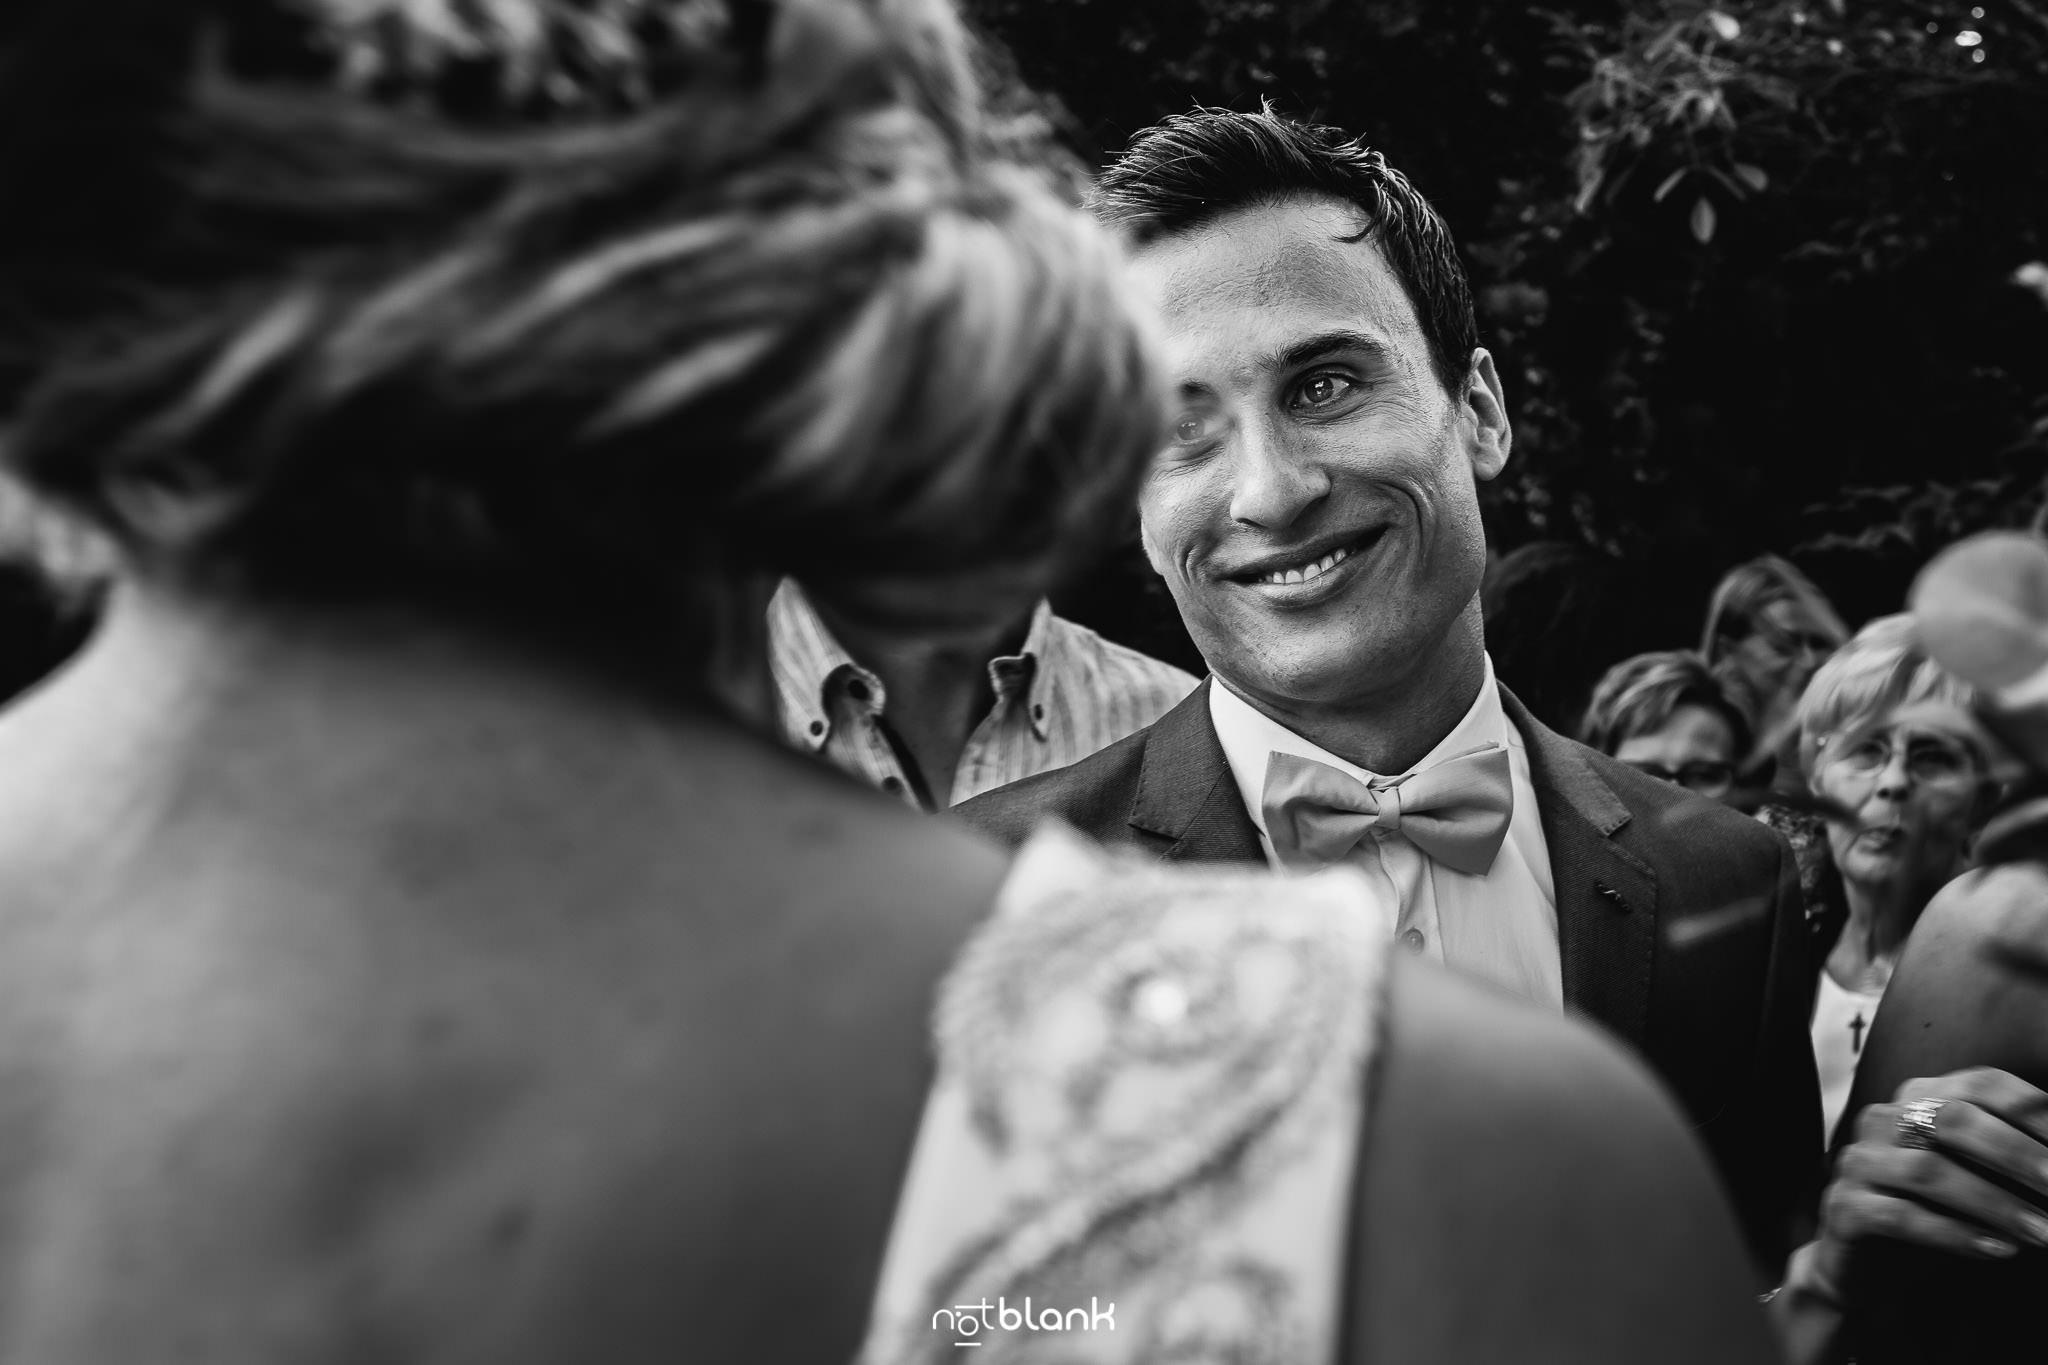 Boda En El Jardin De Casa Jana y Fran - El hermano del novio sonrie mientras felicita a su cuñada - Notblank Fotografos de boda